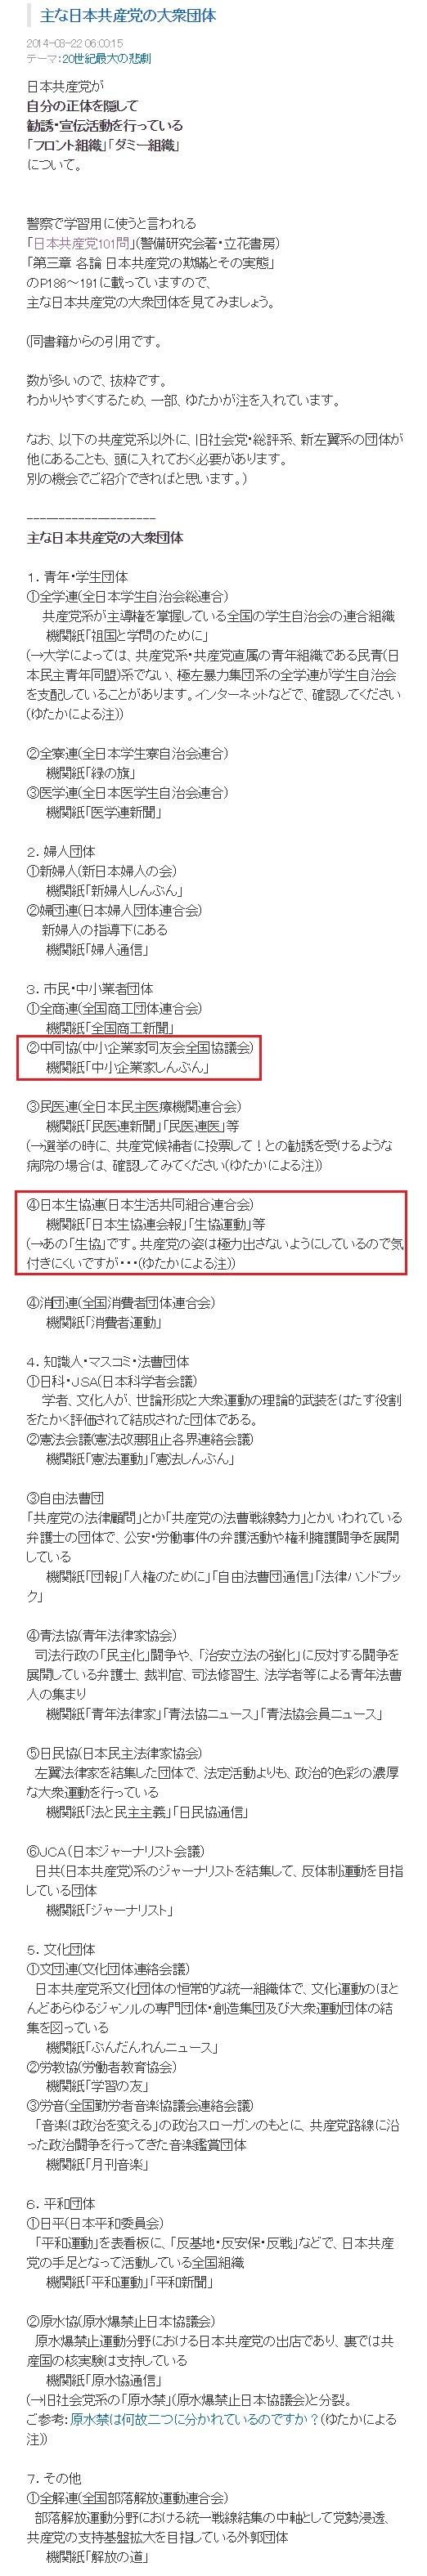 日本共産党101問より「主な日本共産党の大衆団体」